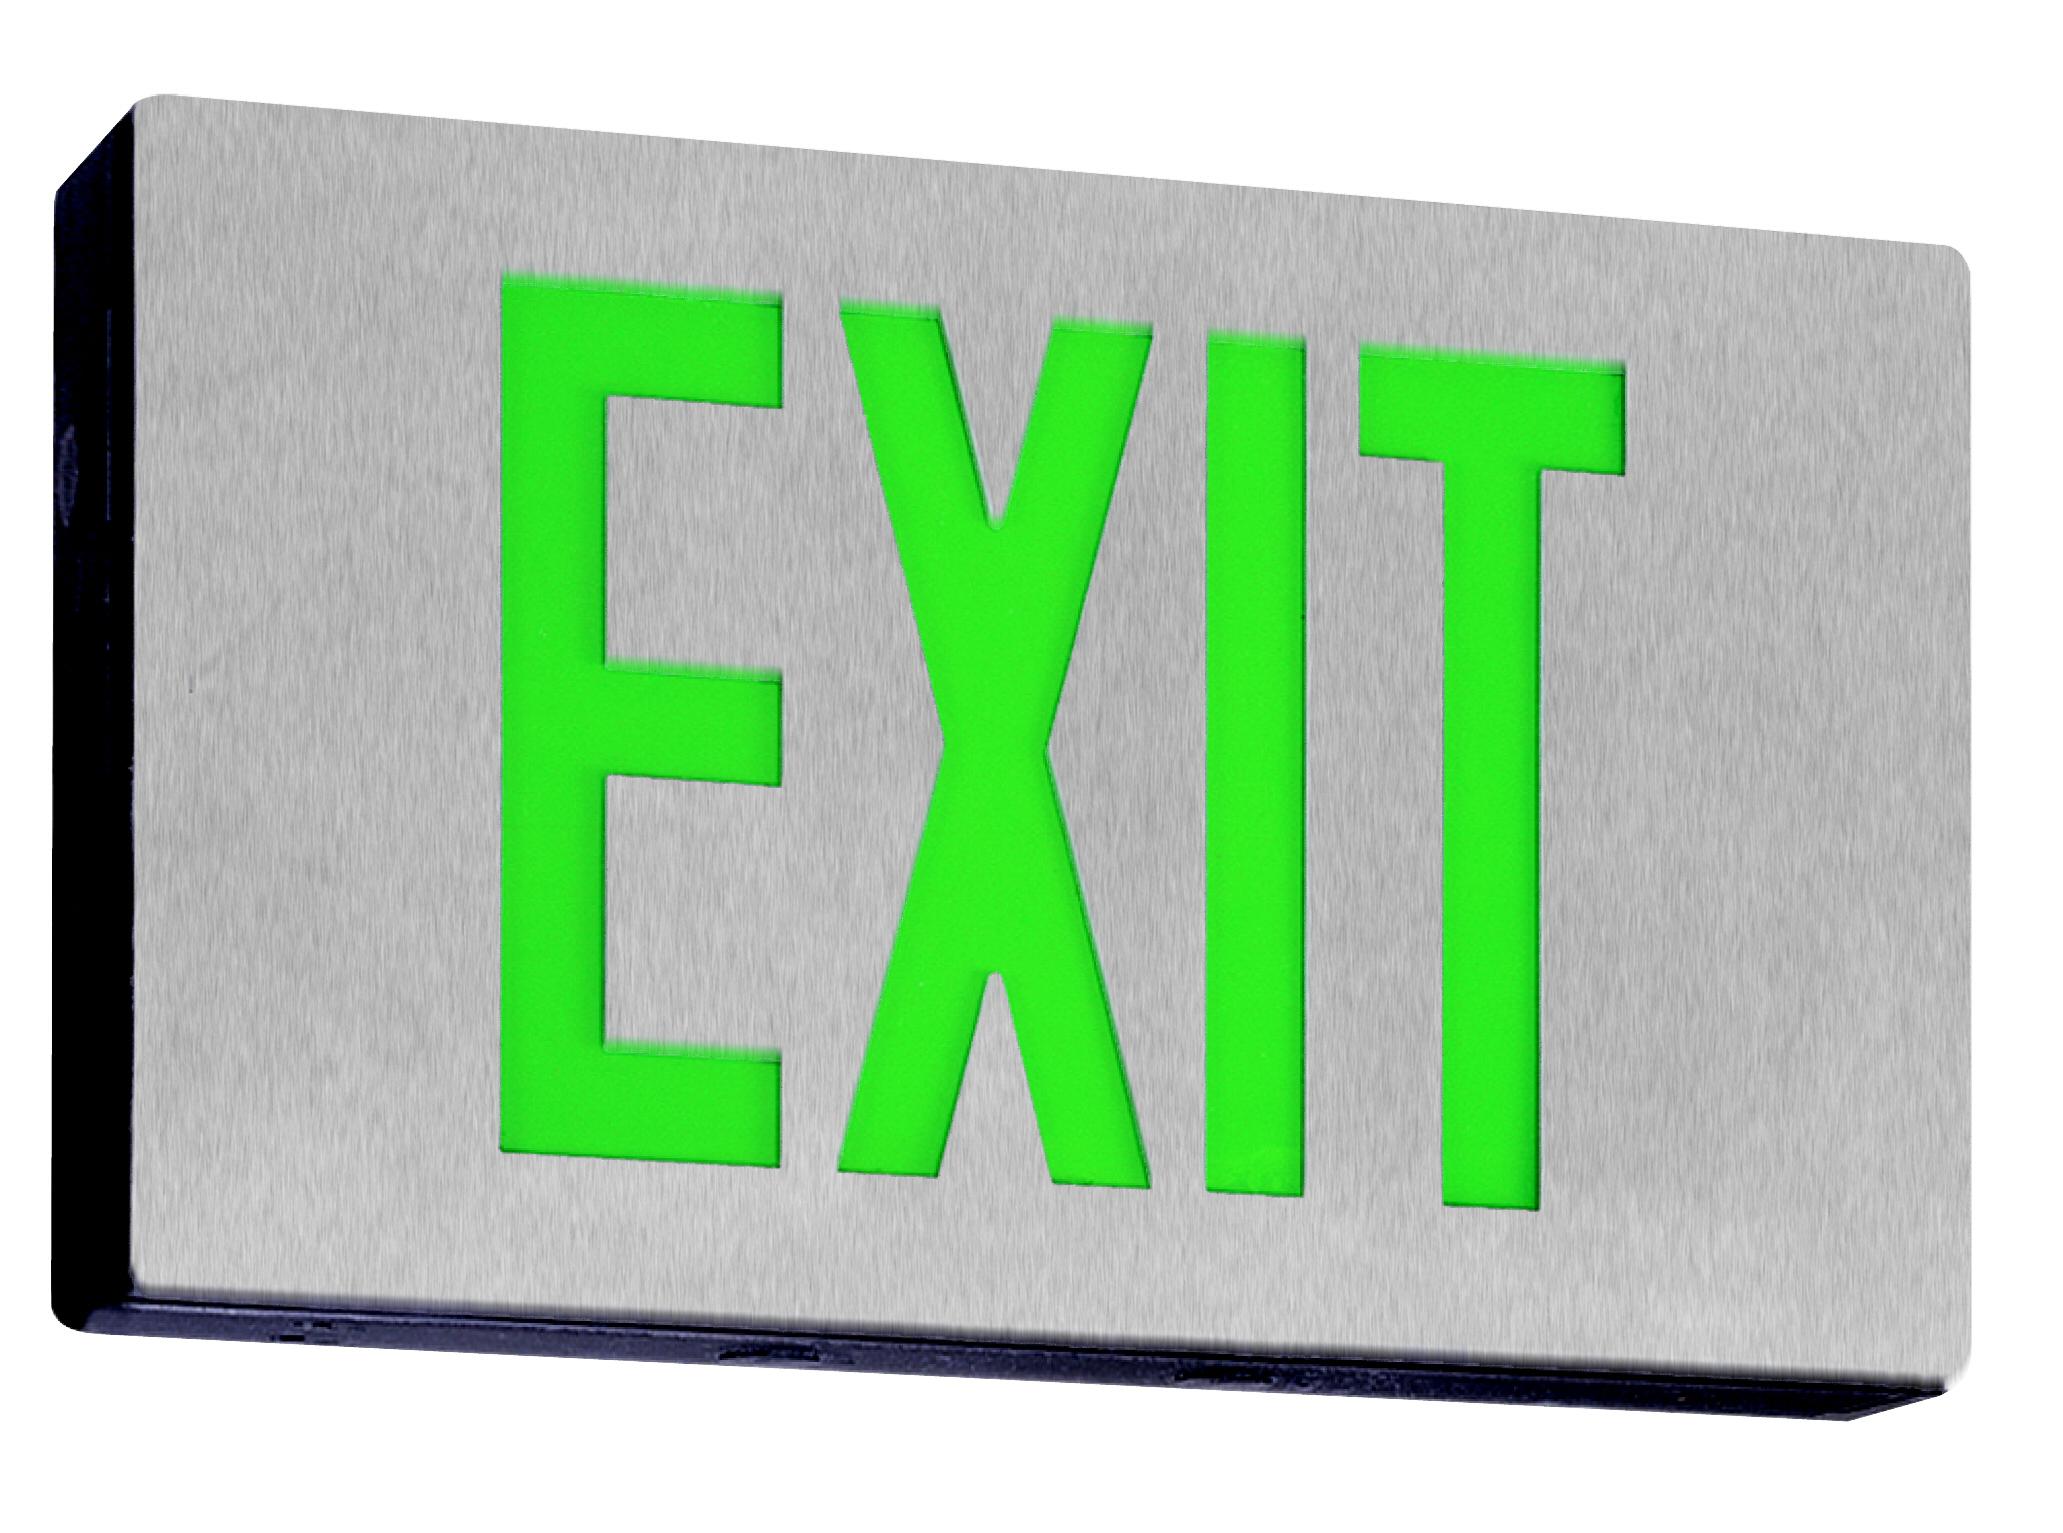 LED Low Profile Die Cast Single-Face Exit Sign